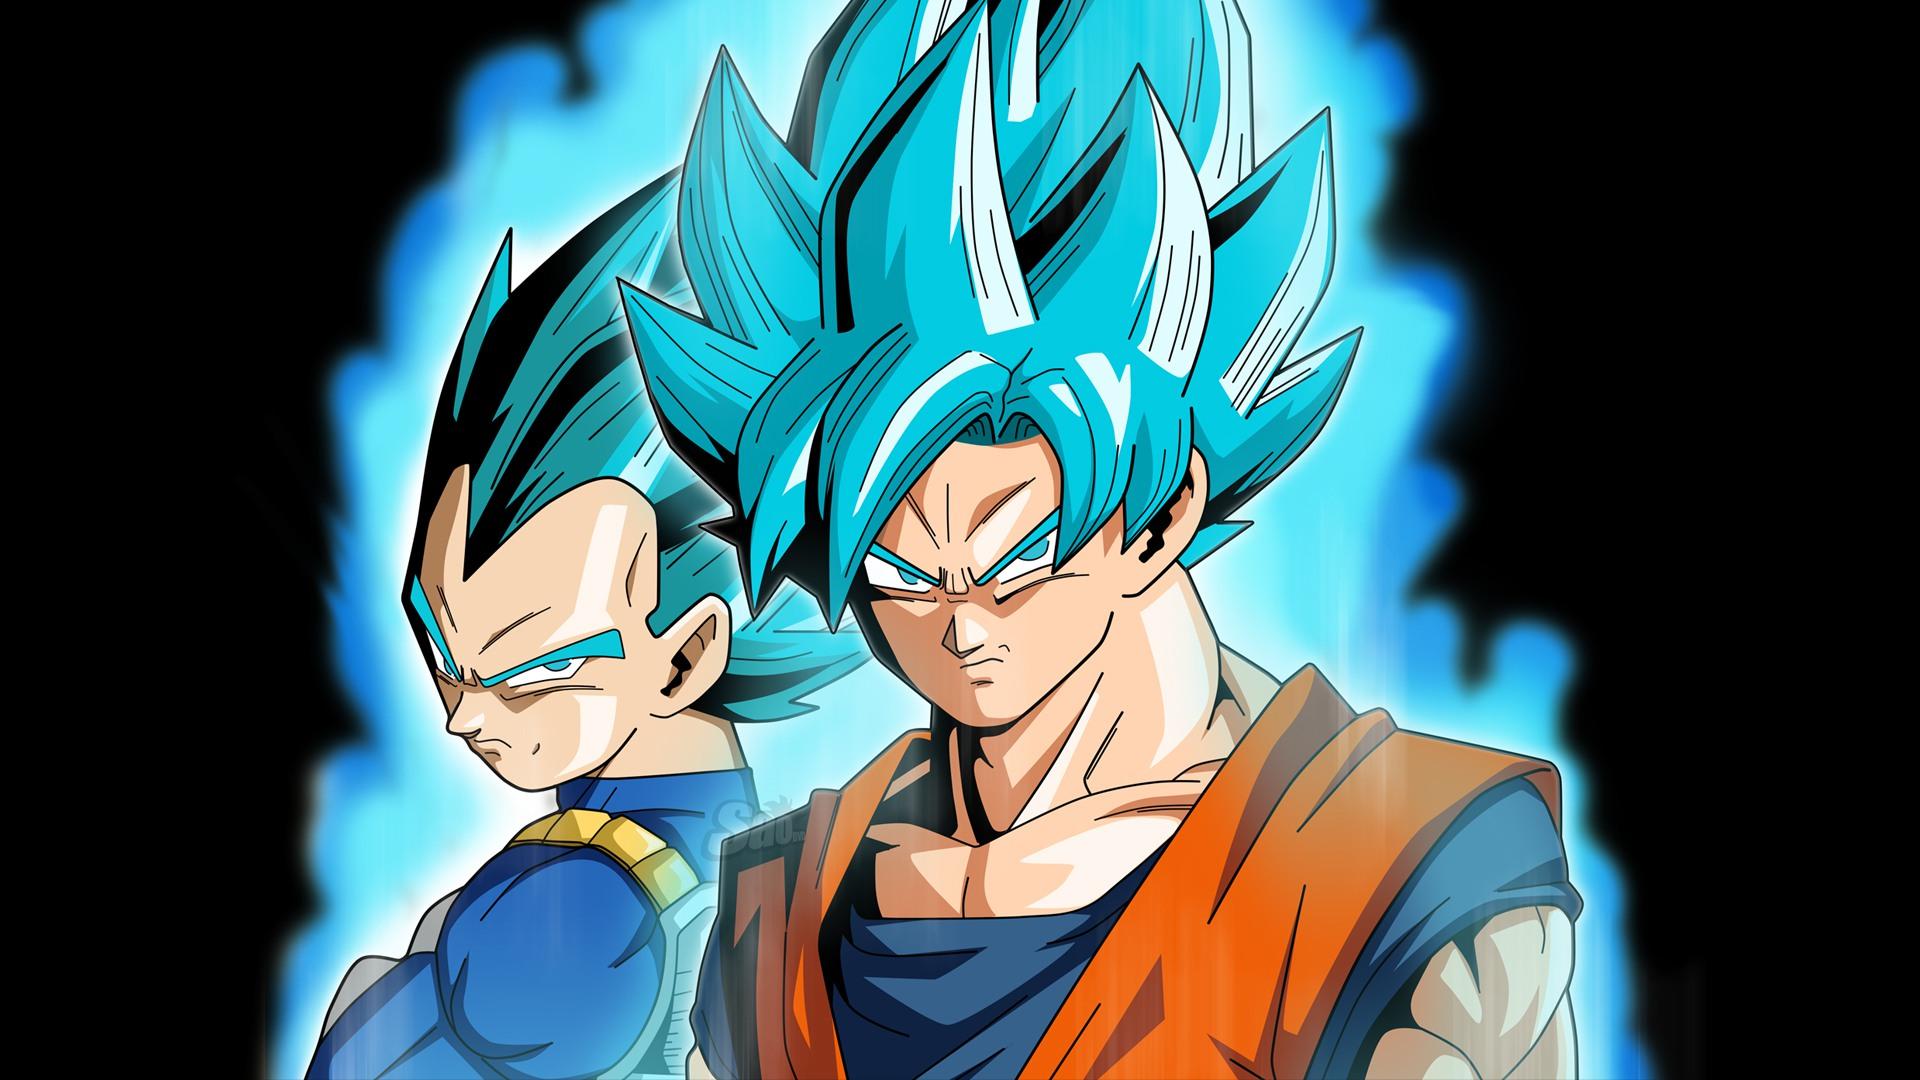 Goku and vegeta hd wallpaper background image - Dbz goku vegeta ...